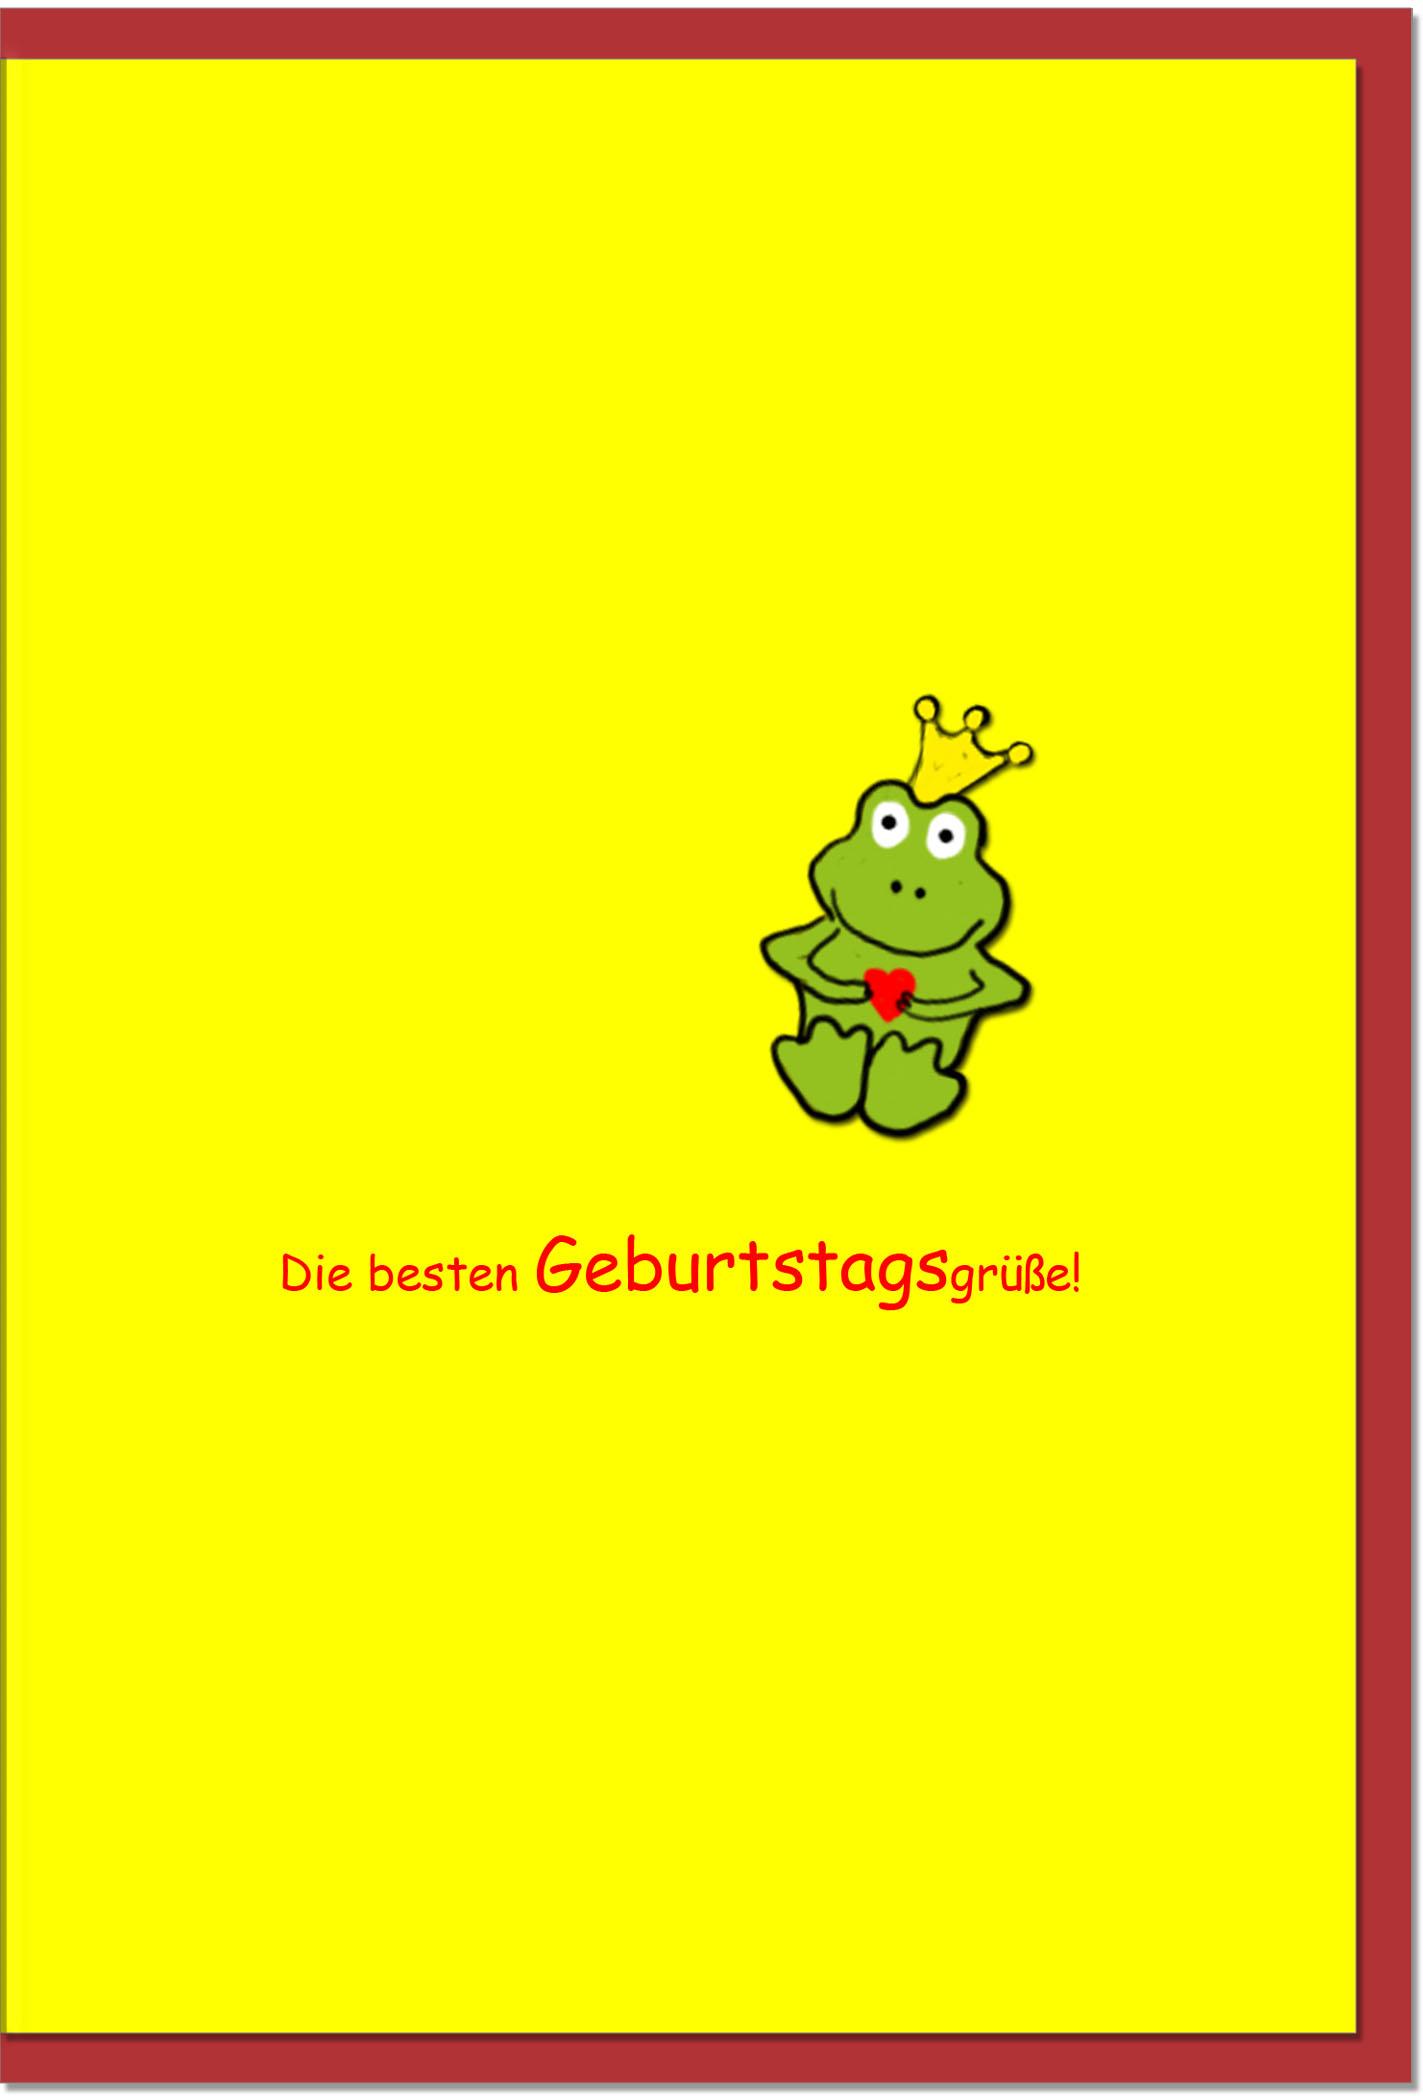 Geburtstagskarten / Grußkarten /Geburtstag Froschkönig